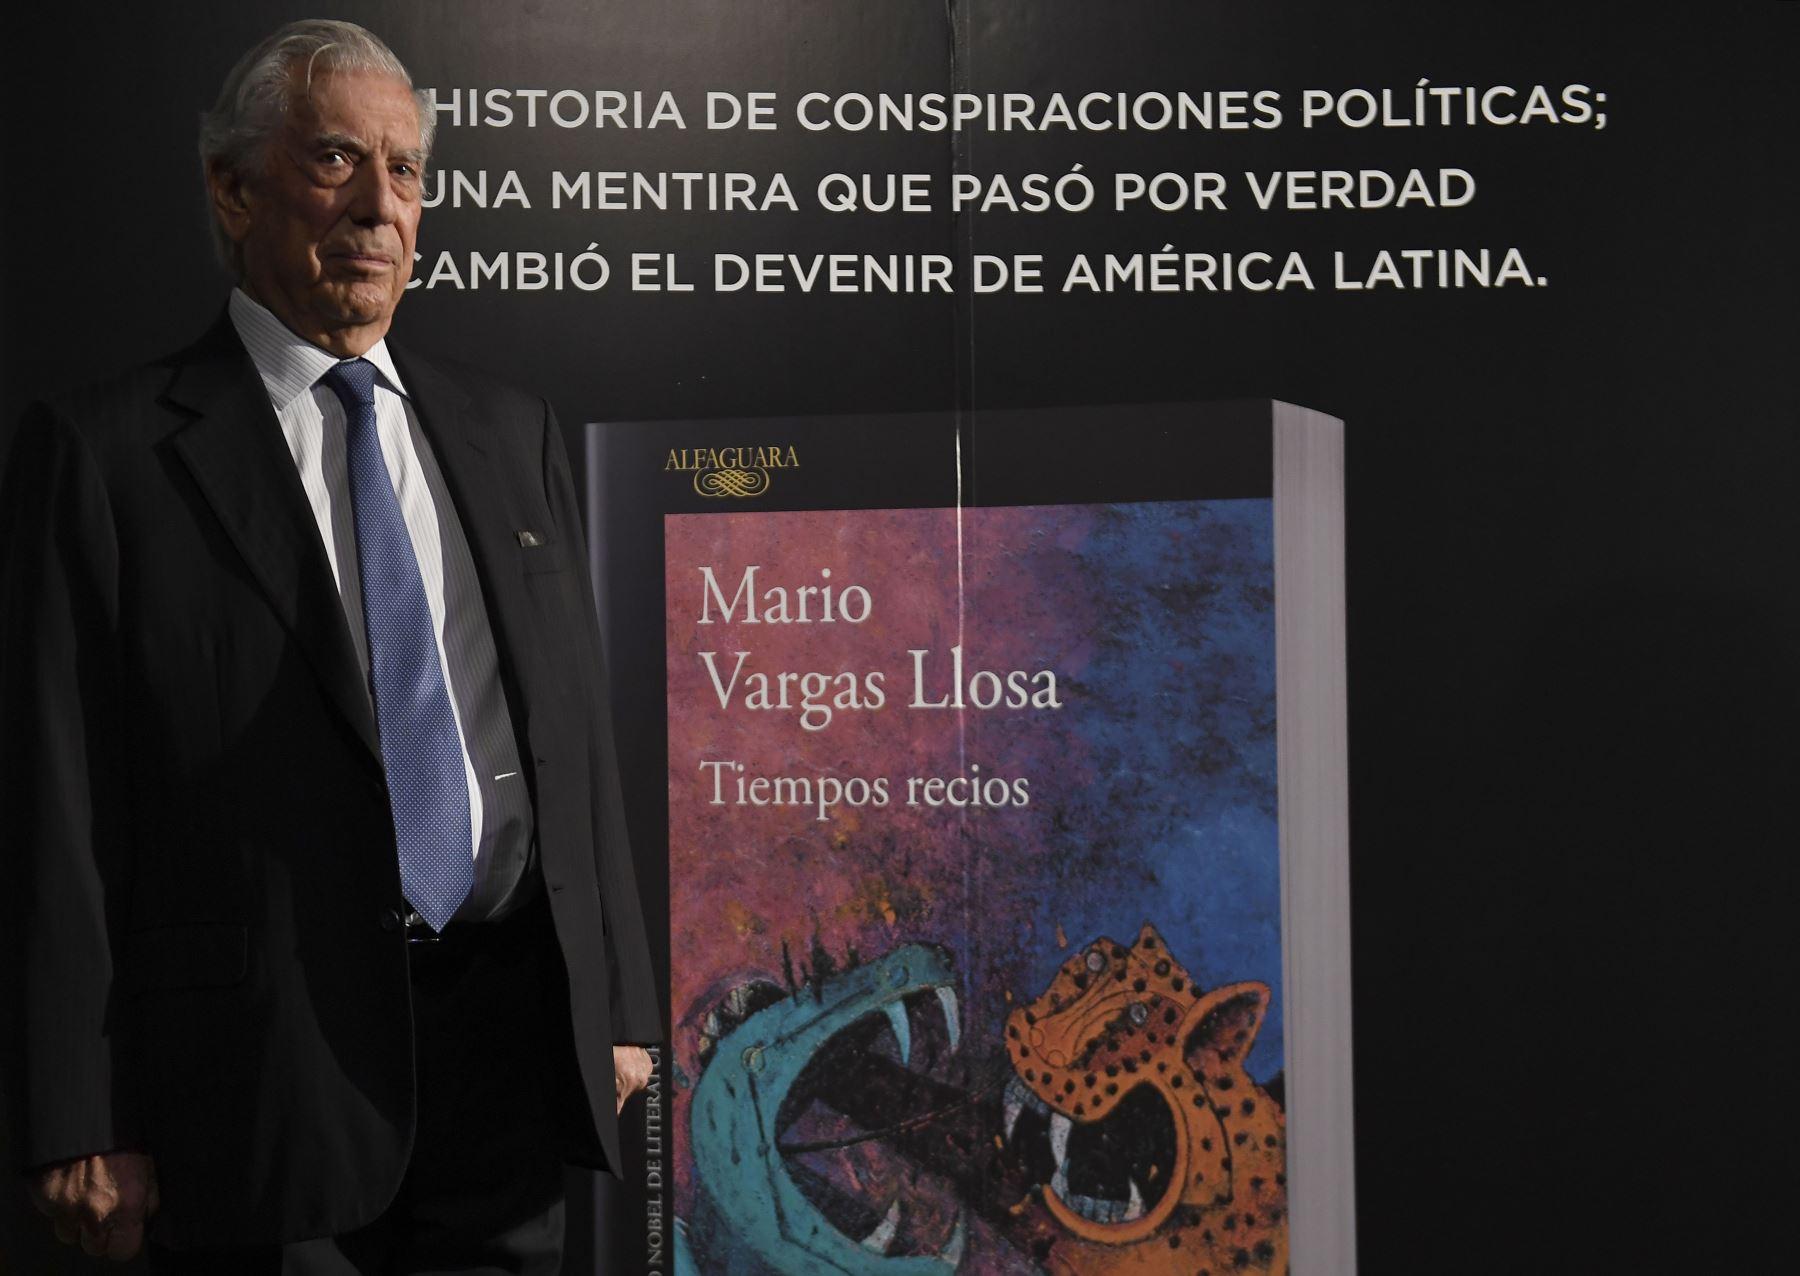 """El escritor peruano Mario Vargas Llosa presentó este martes su novela """"Tiempos recios"""". Foto: AFP"""